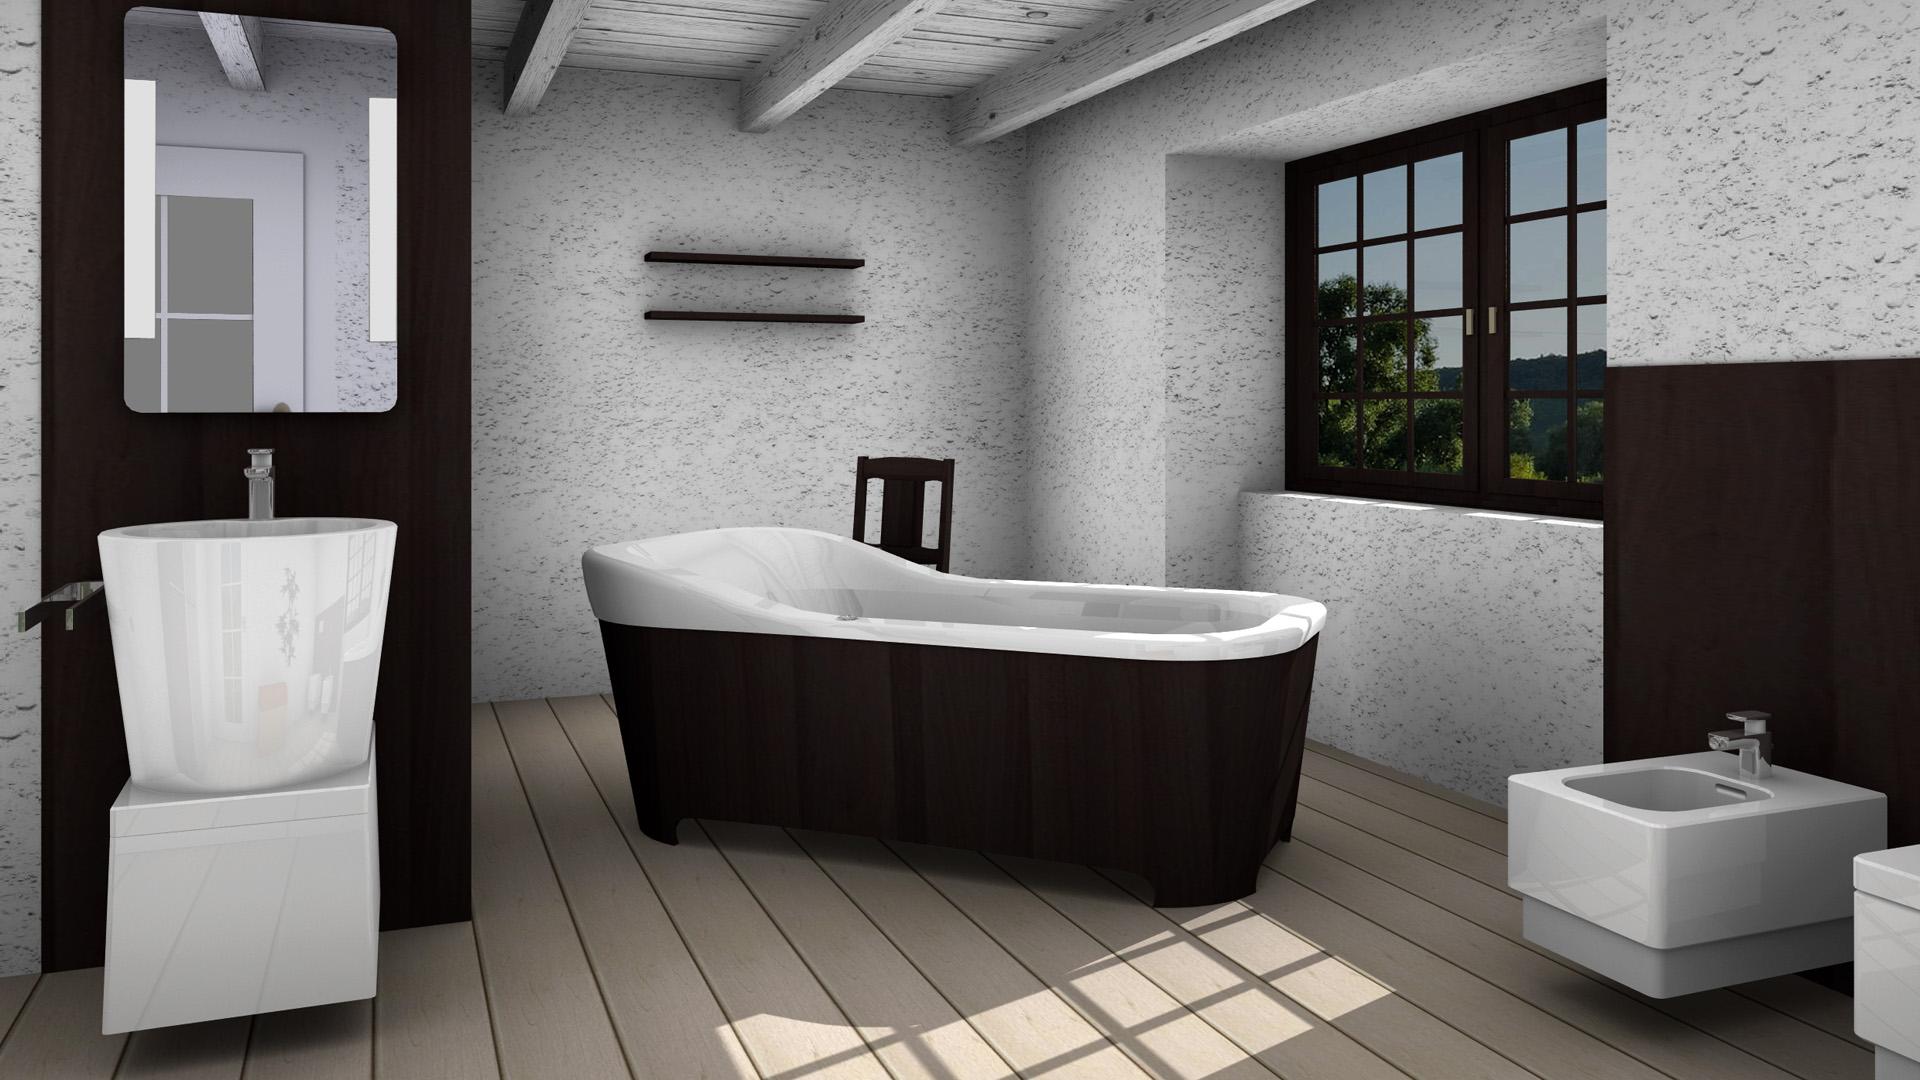 Un outil pour concevoir soi m me sa future salle de bains 3d for Concevoir sa salle de bain